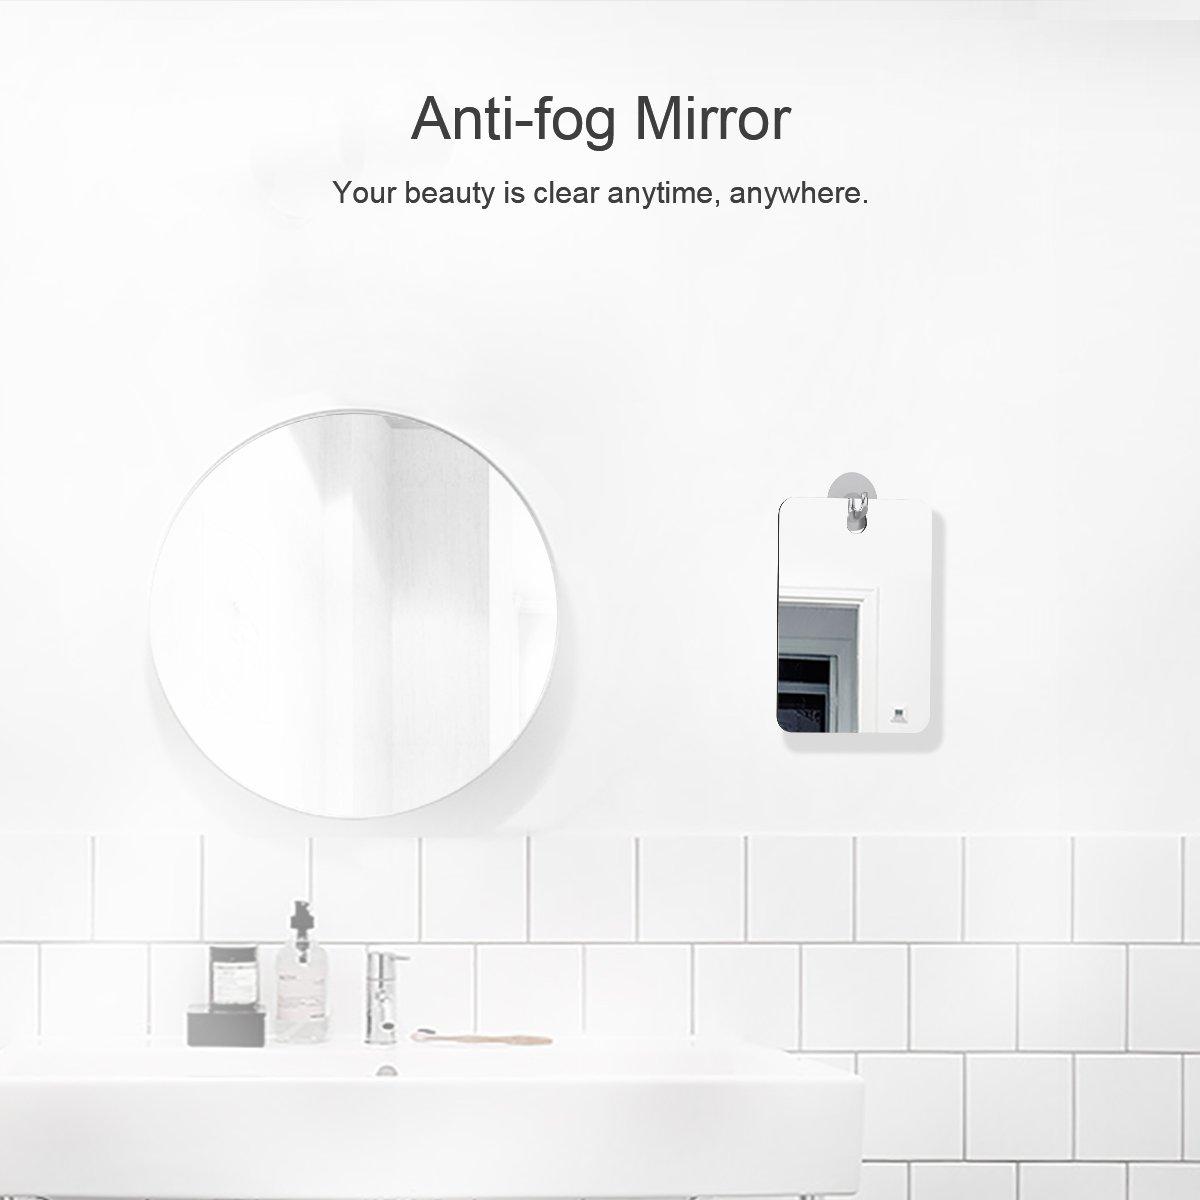 New Anti Fog Shower Mirror Bathroom Fogless Fog Free Mirror for Washroom  r6Tw